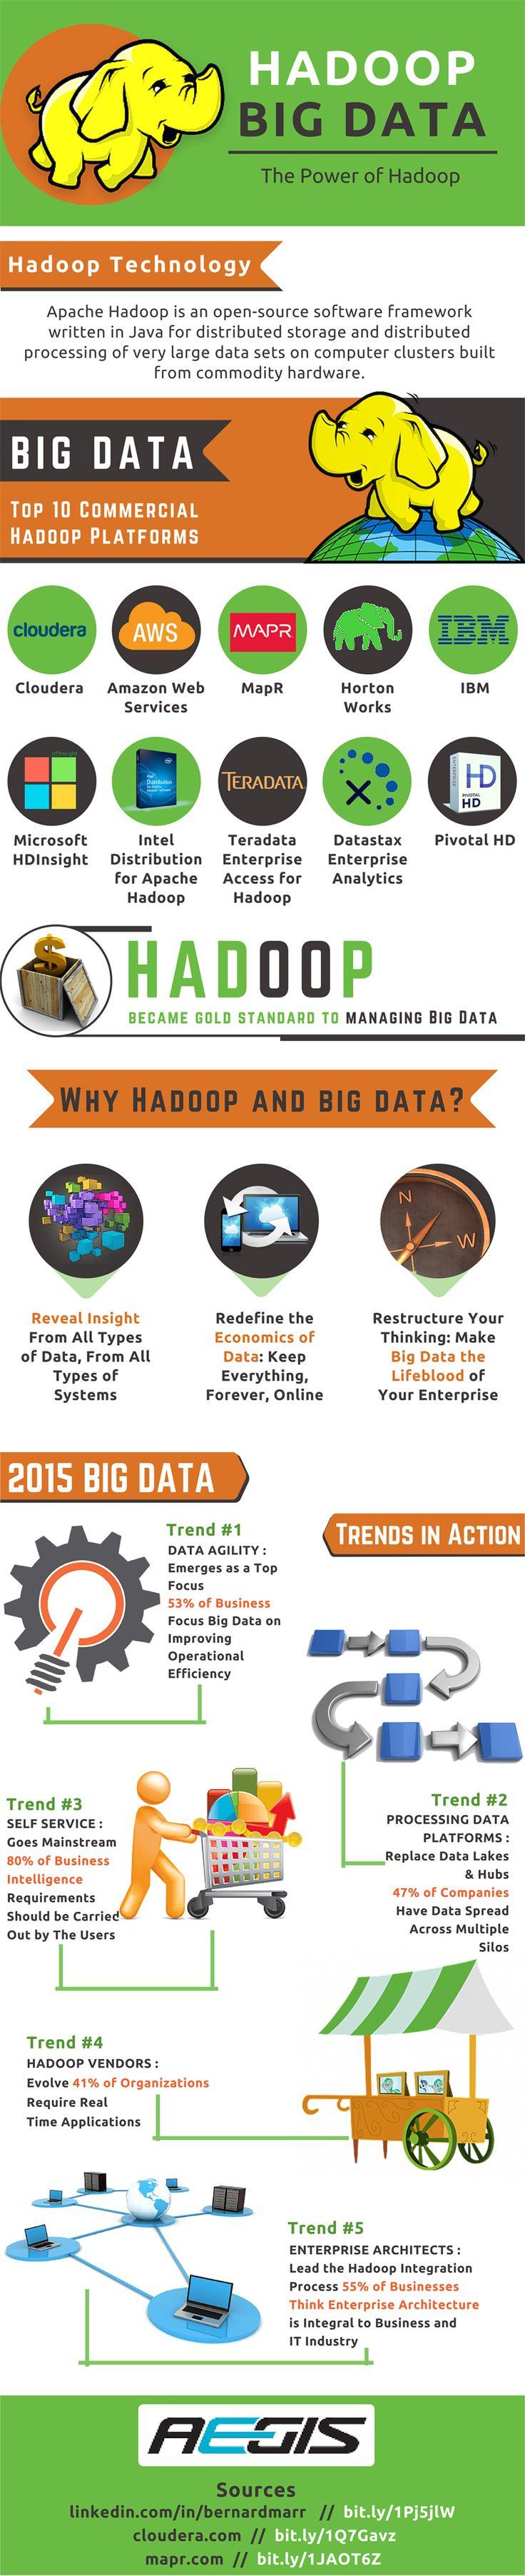 How #Hadoop #Big #Data Management Become Golden Standard To Managing Big Data?  - Top 10 Commercial Hadoop platforms - Why to select Big Data Hadoop? - 2015 Big Data - Trends in action